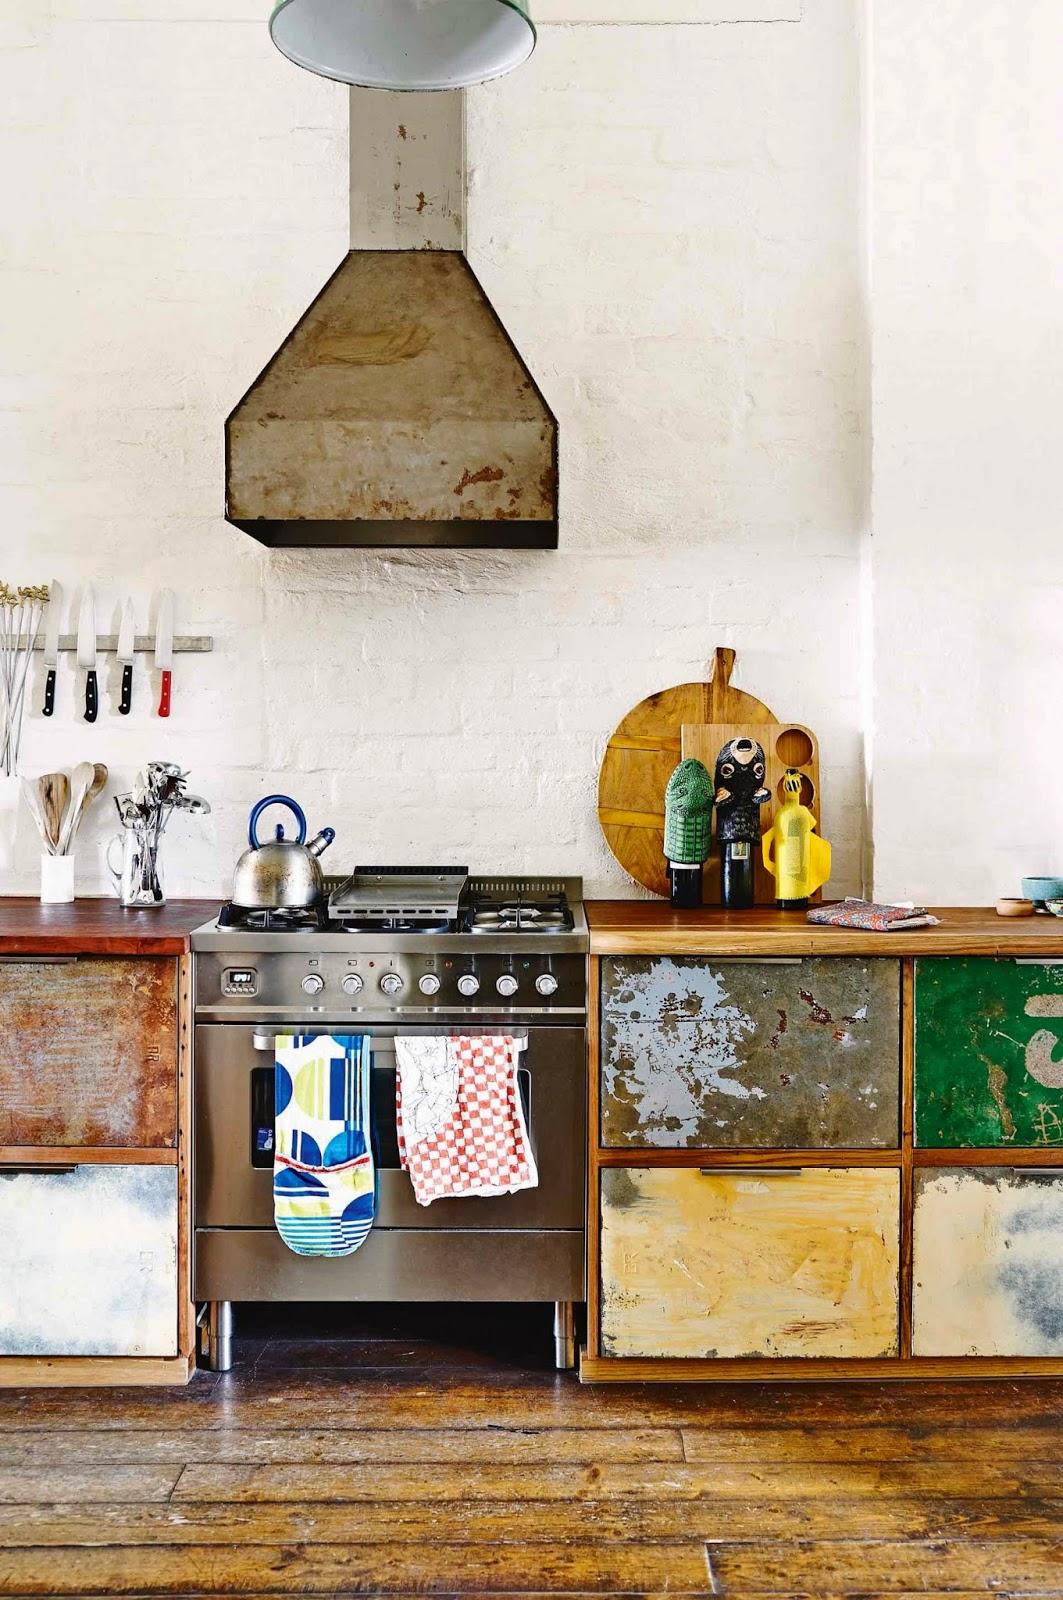 Renovieren und Wohnen im Industrielook - das beste für schöne Möbel, leuchten und Accessoiresim Vintage Design